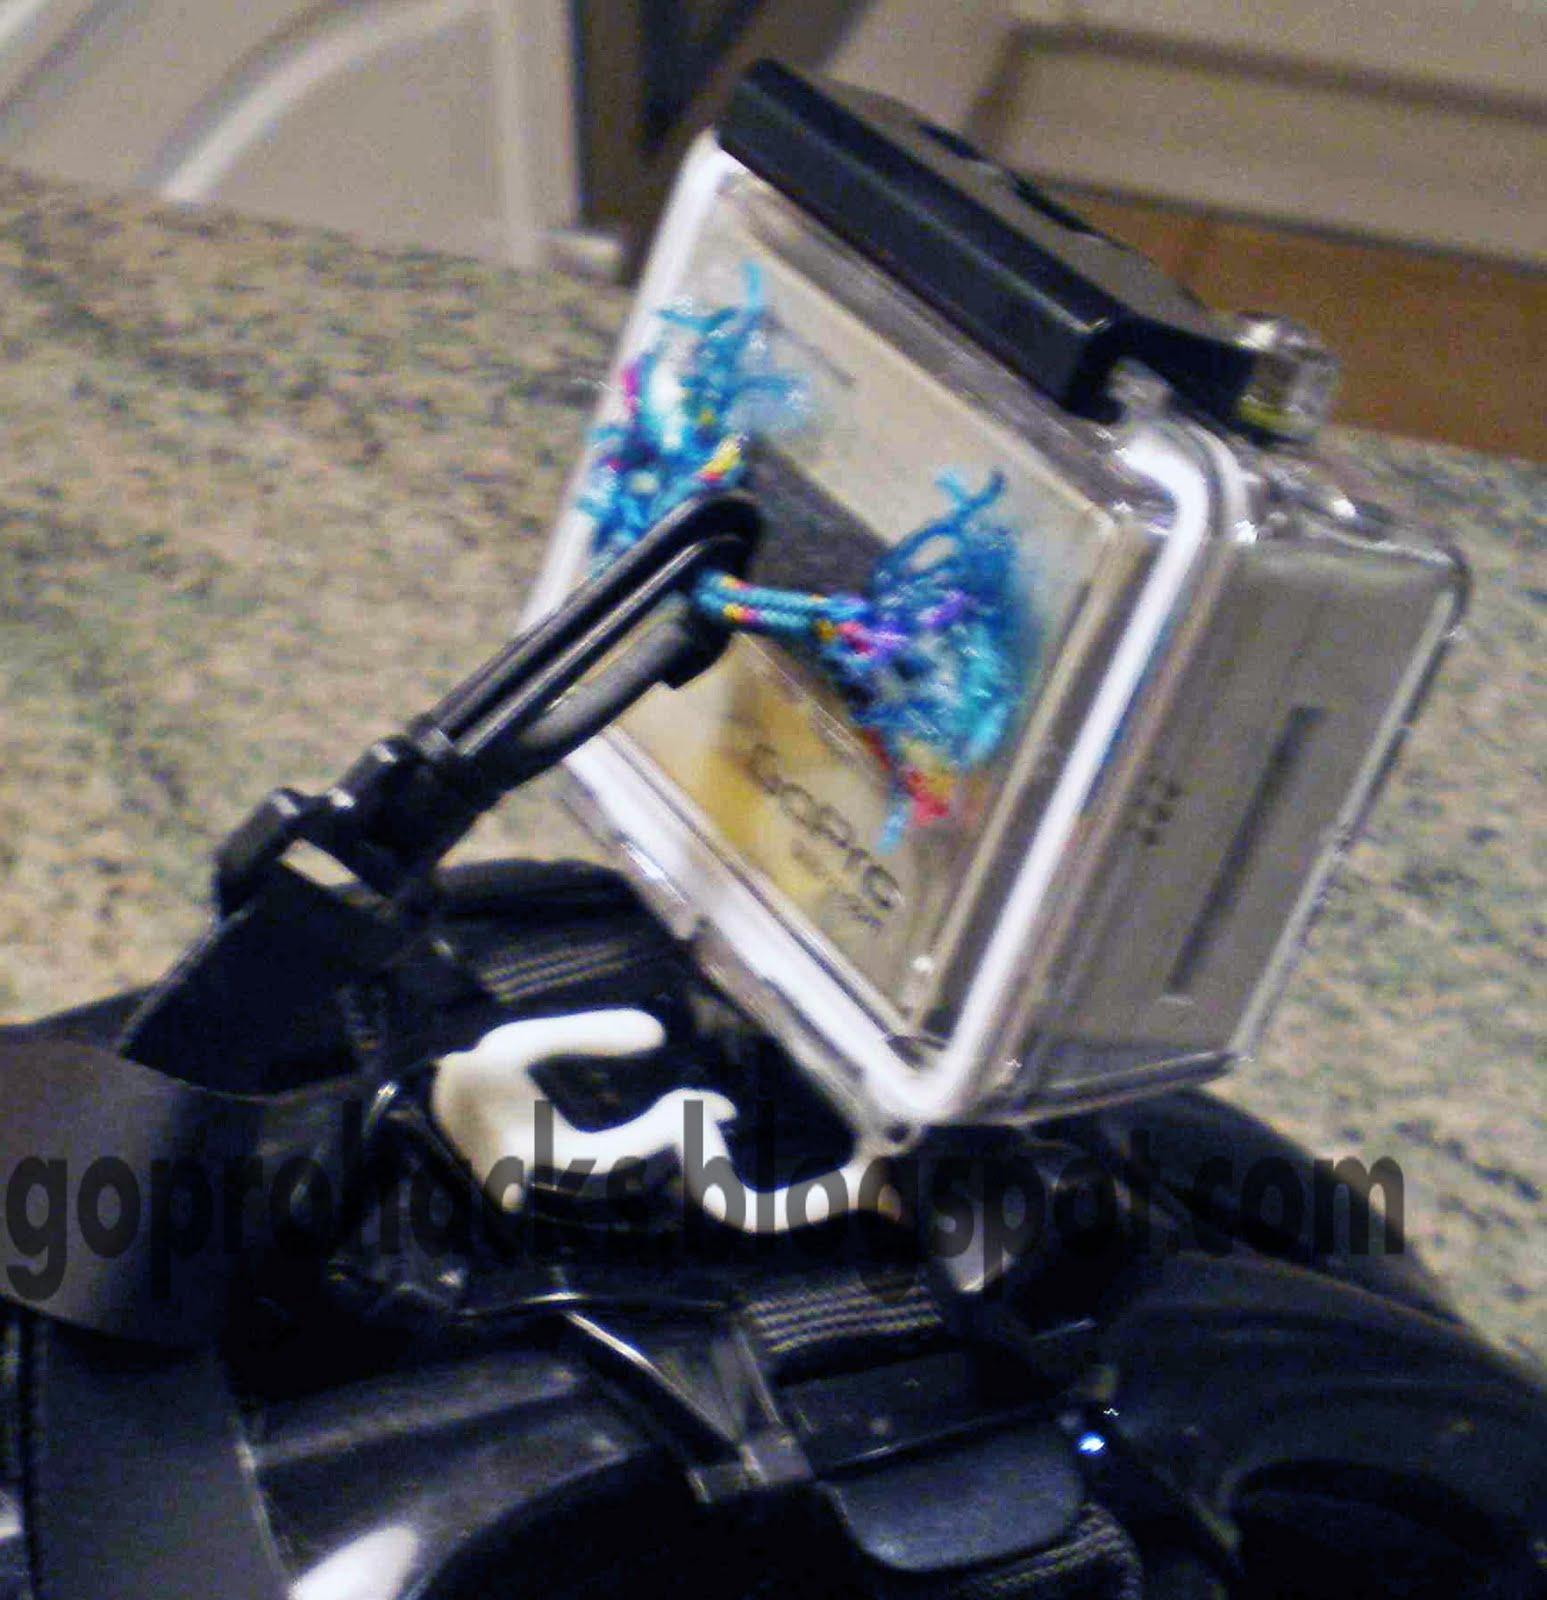 gopro hd cameras hacks et astuces mettre un leash sur le caisson cordon de s curit. Black Bedroom Furniture Sets. Home Design Ideas